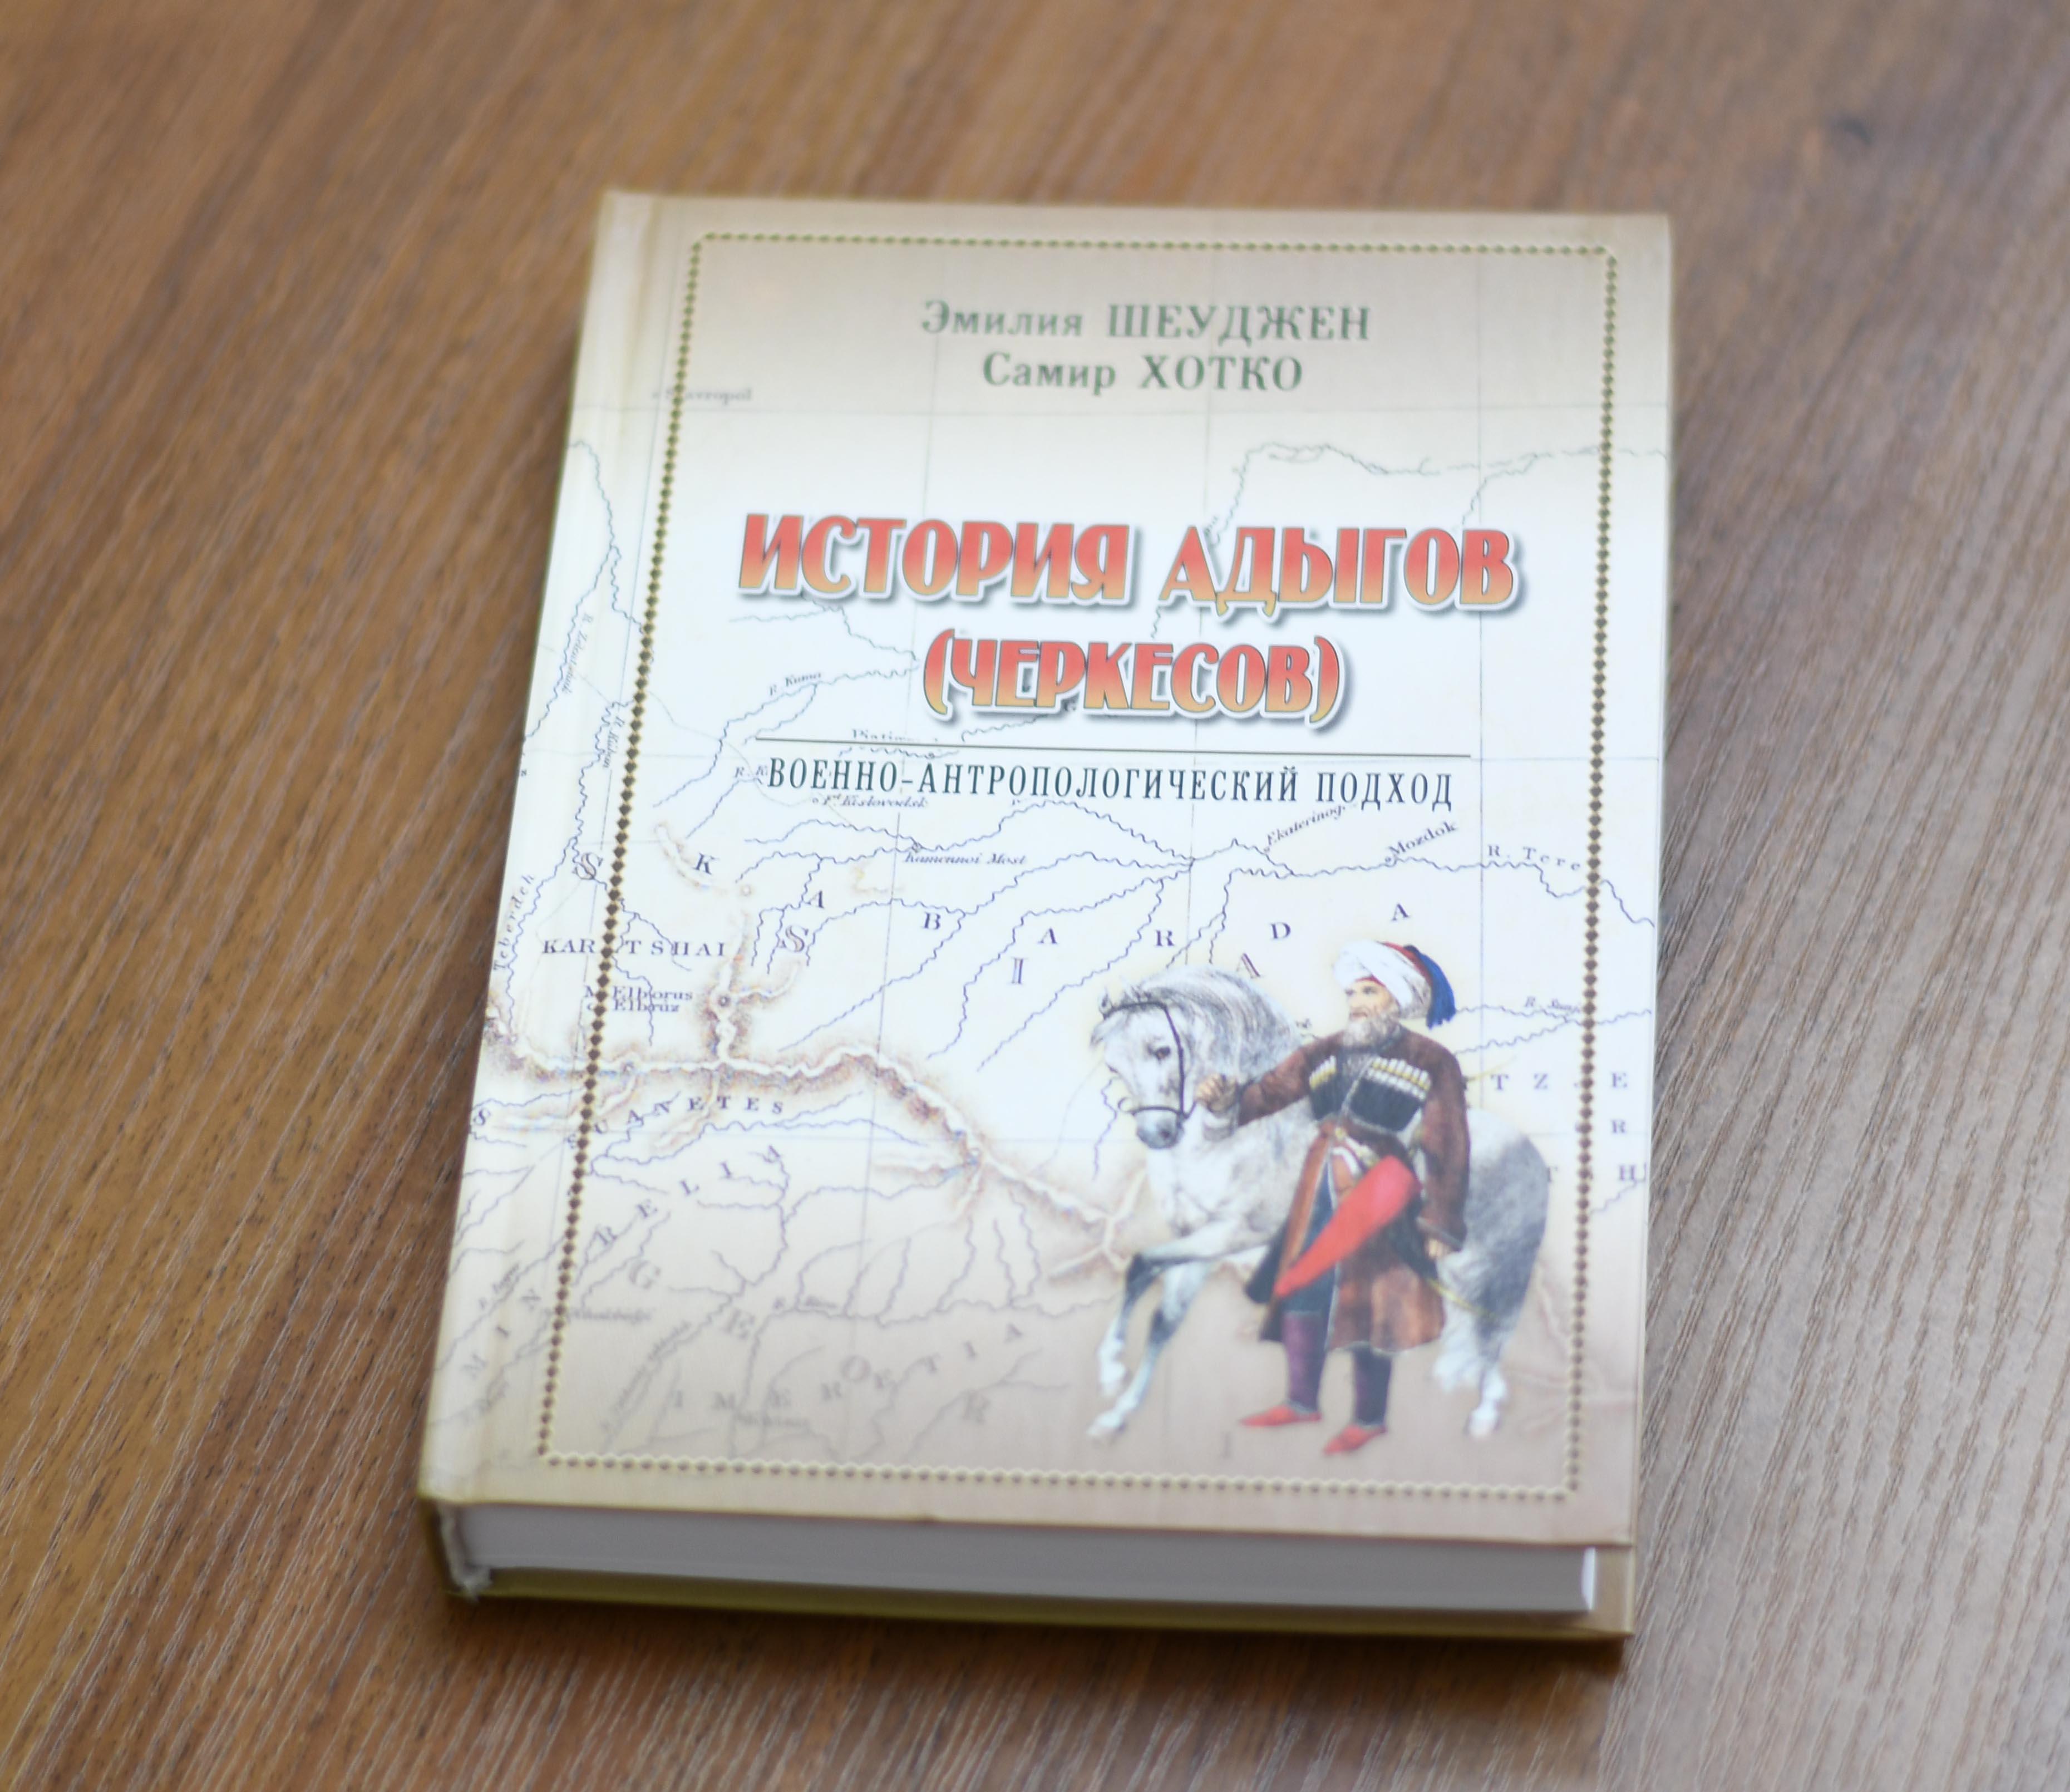 История адыгов (черкесов)